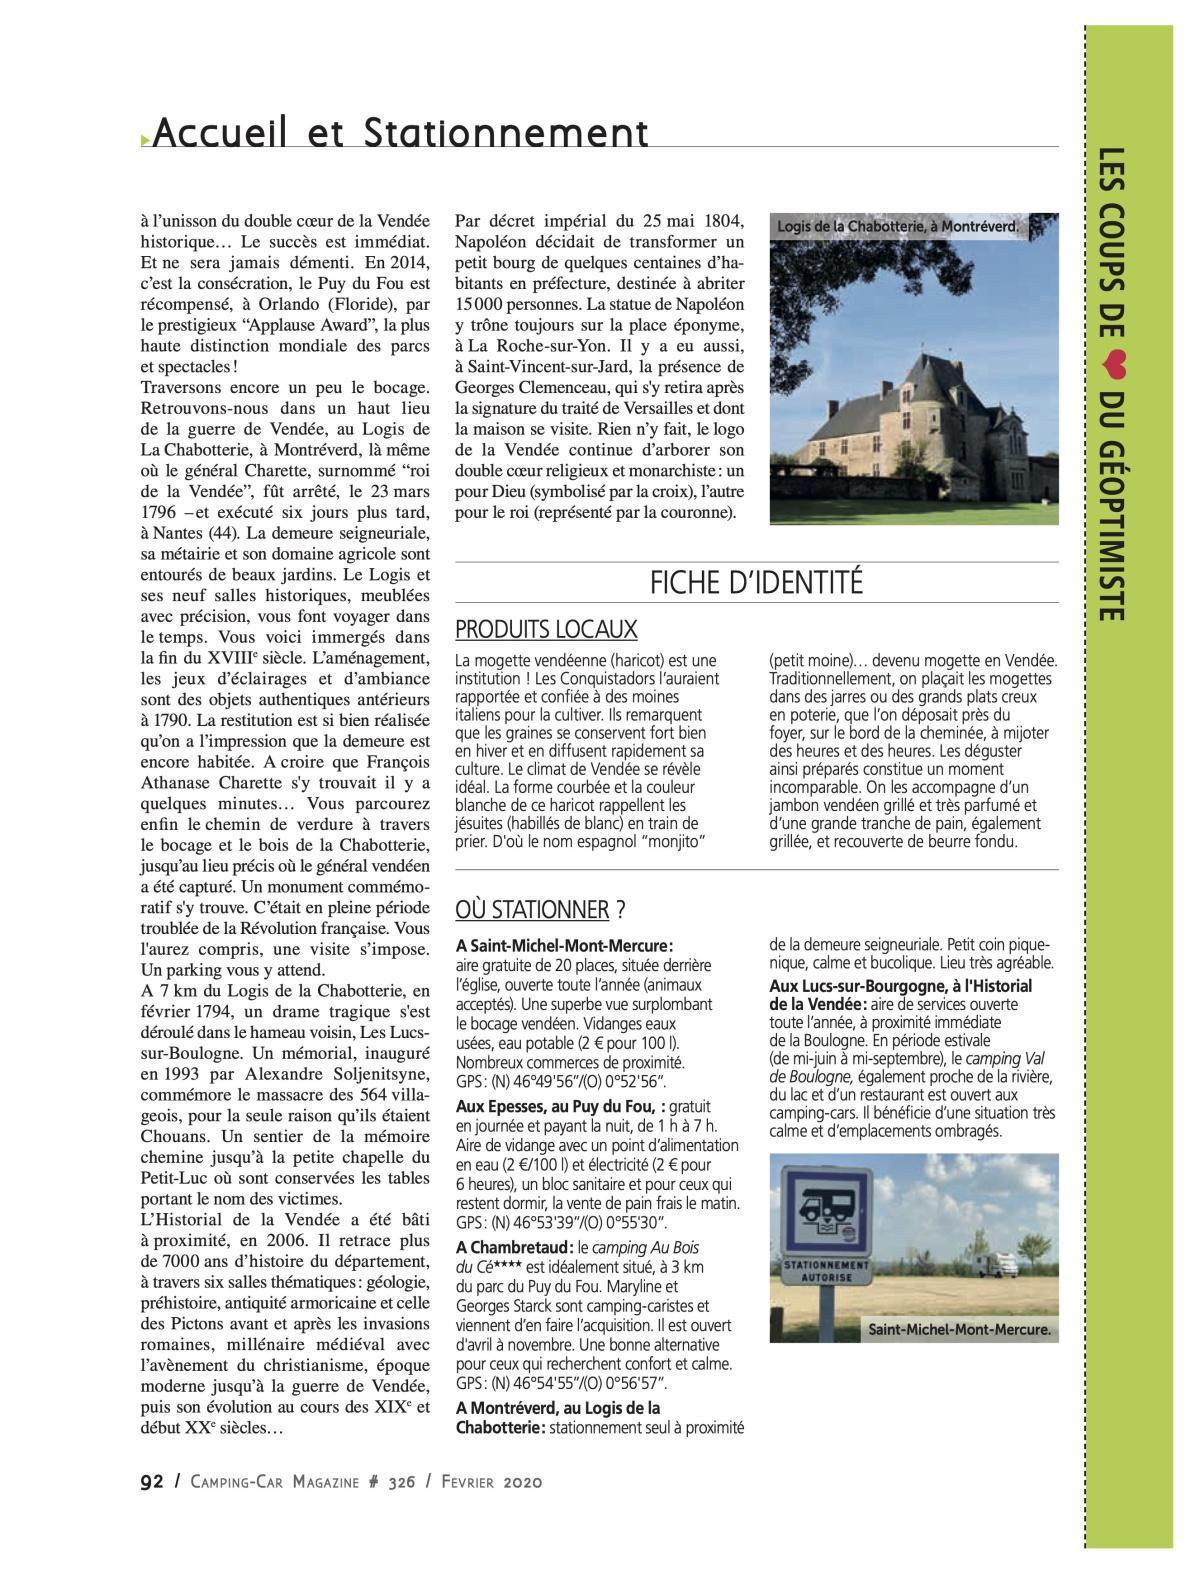 Le Nord Vendée - CCM 326